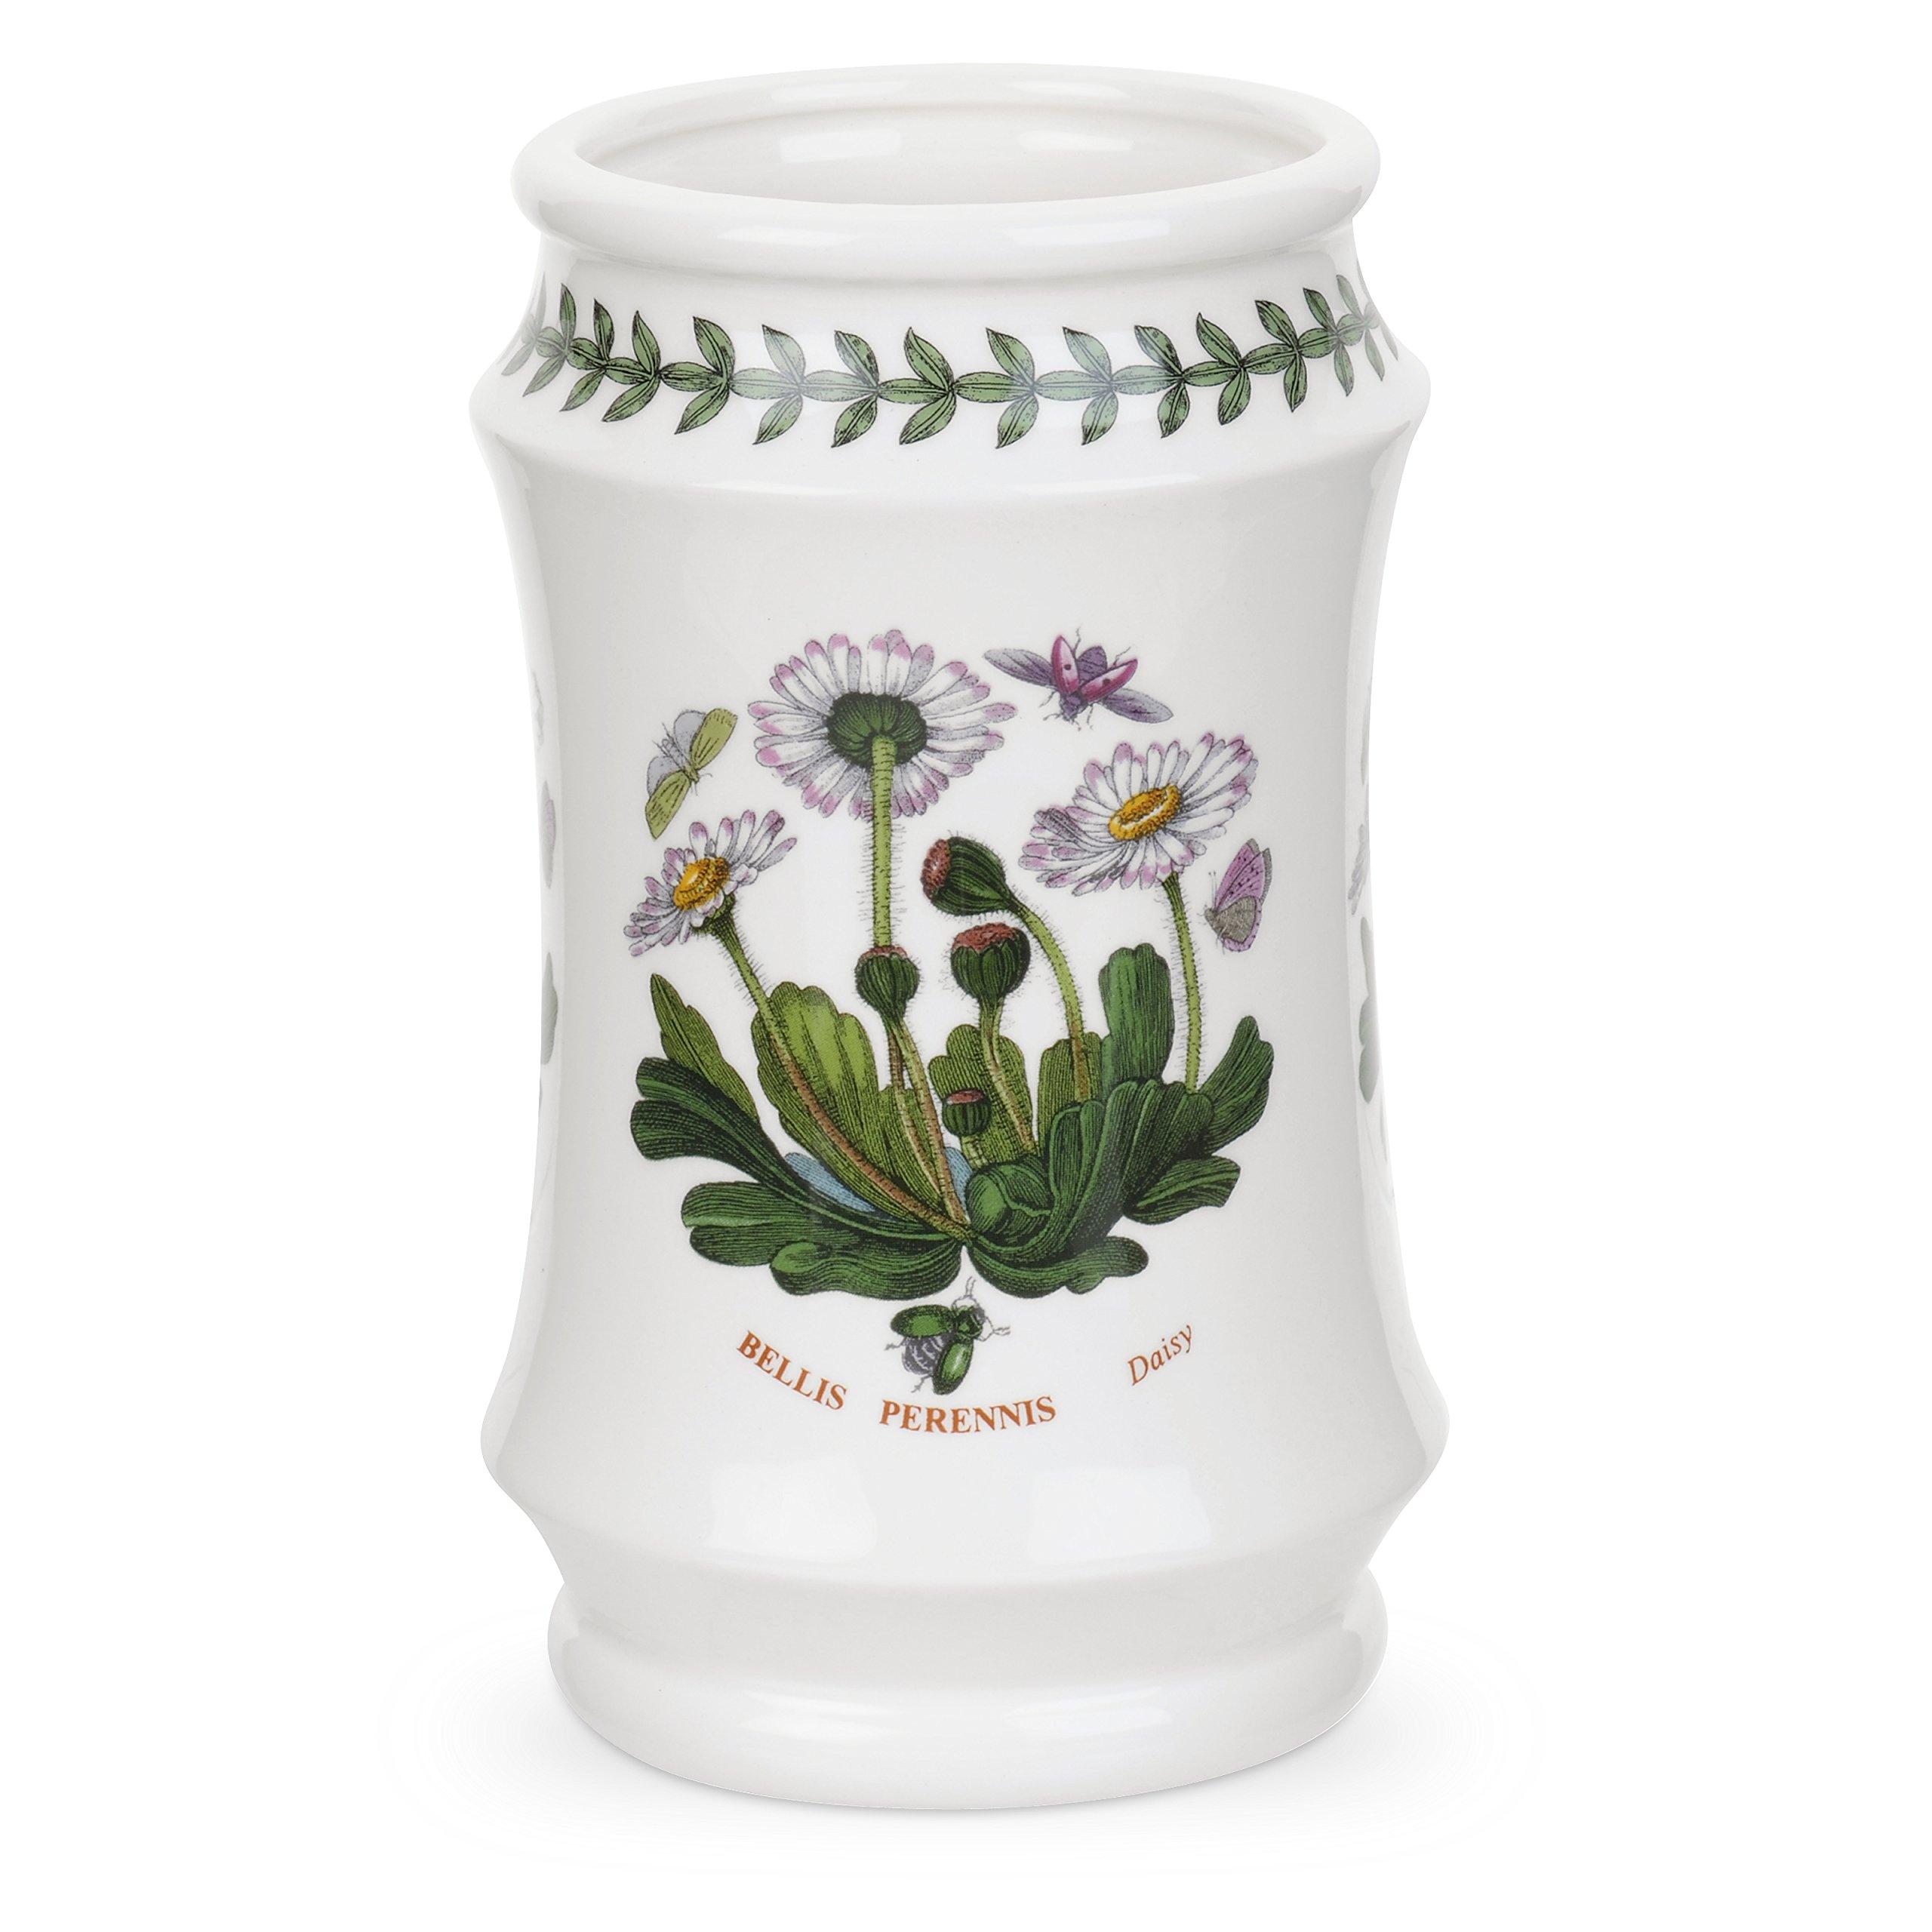 Portmeirion Botanic Garden Utensil Jar by Portmeirion